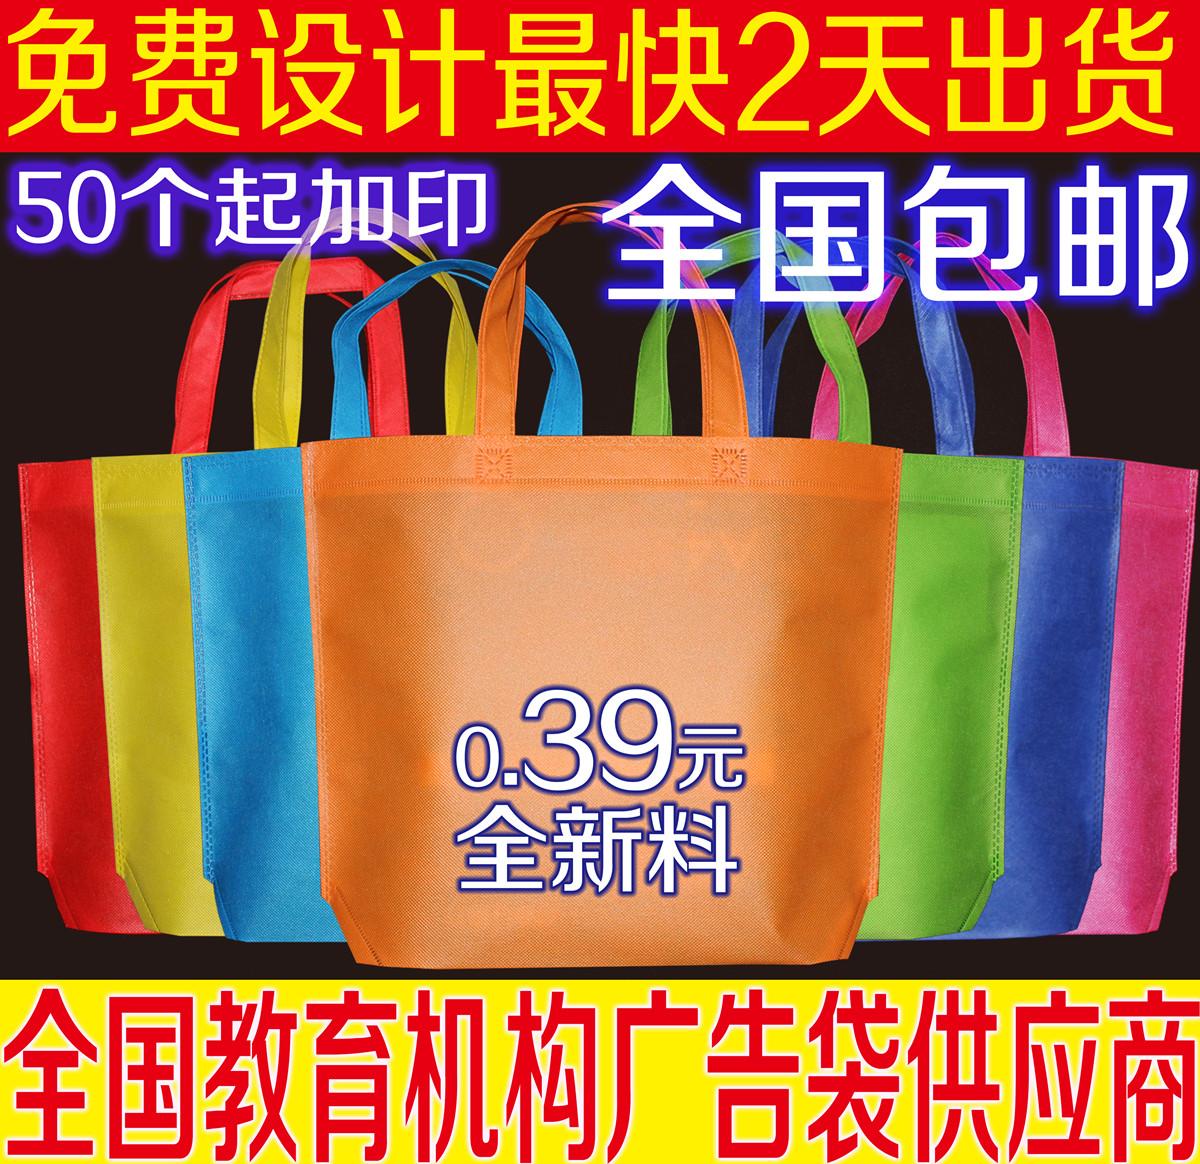 Учить воспитывать ткань мешок стандарт охрана окружающей среды ридикюль сумок сделанный на заказ может печать logo срочный индивидуальный реклама